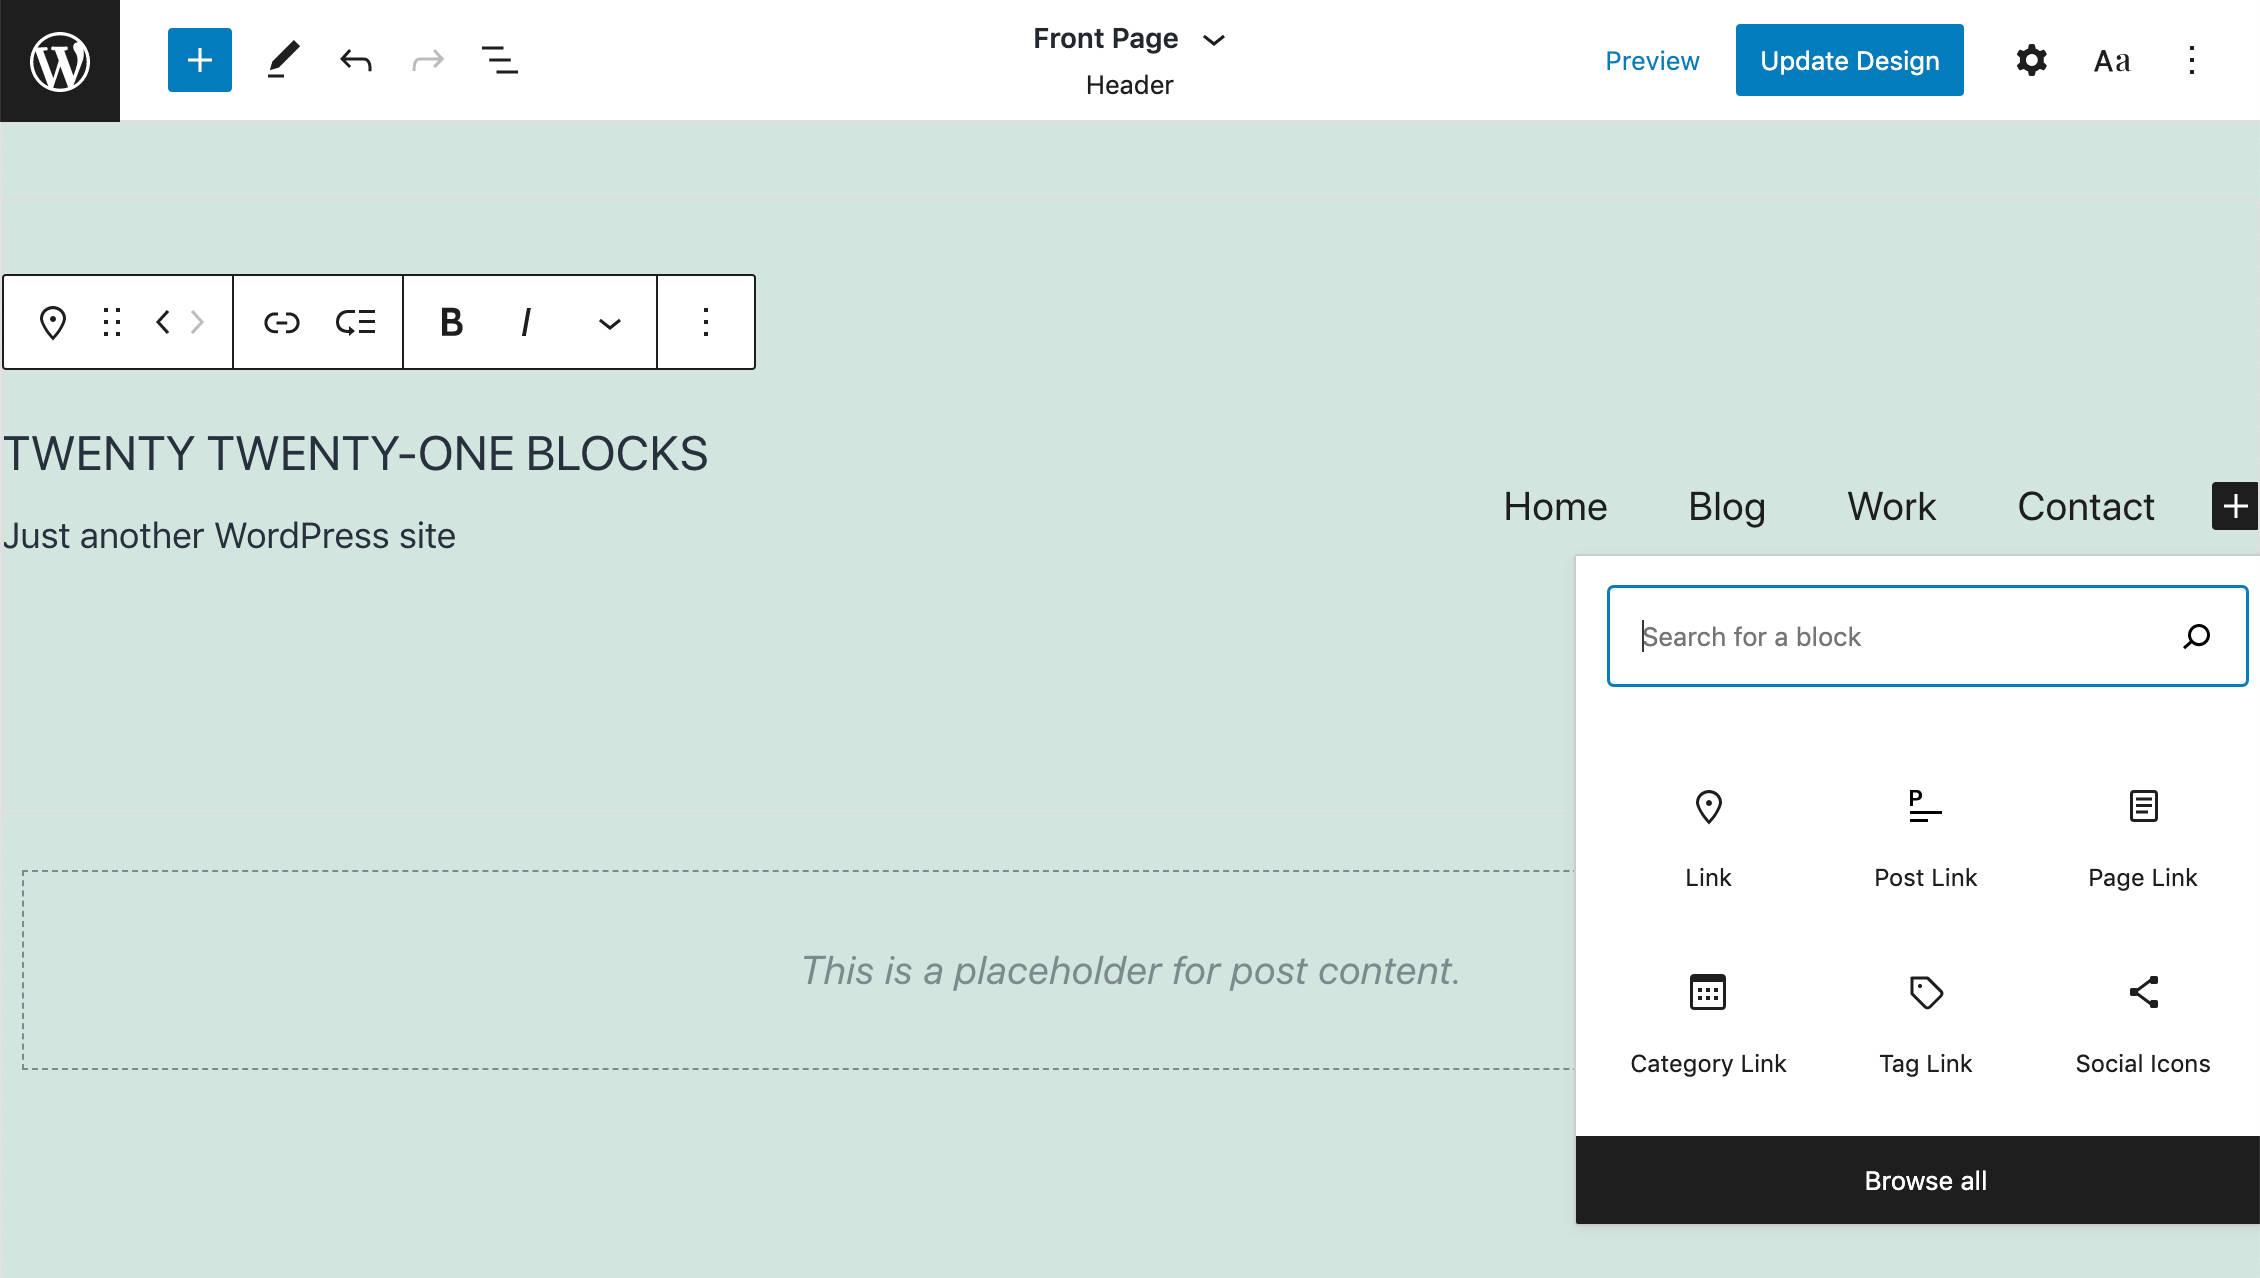 Edición completa del sitio en Twenty Twenty-One bloques